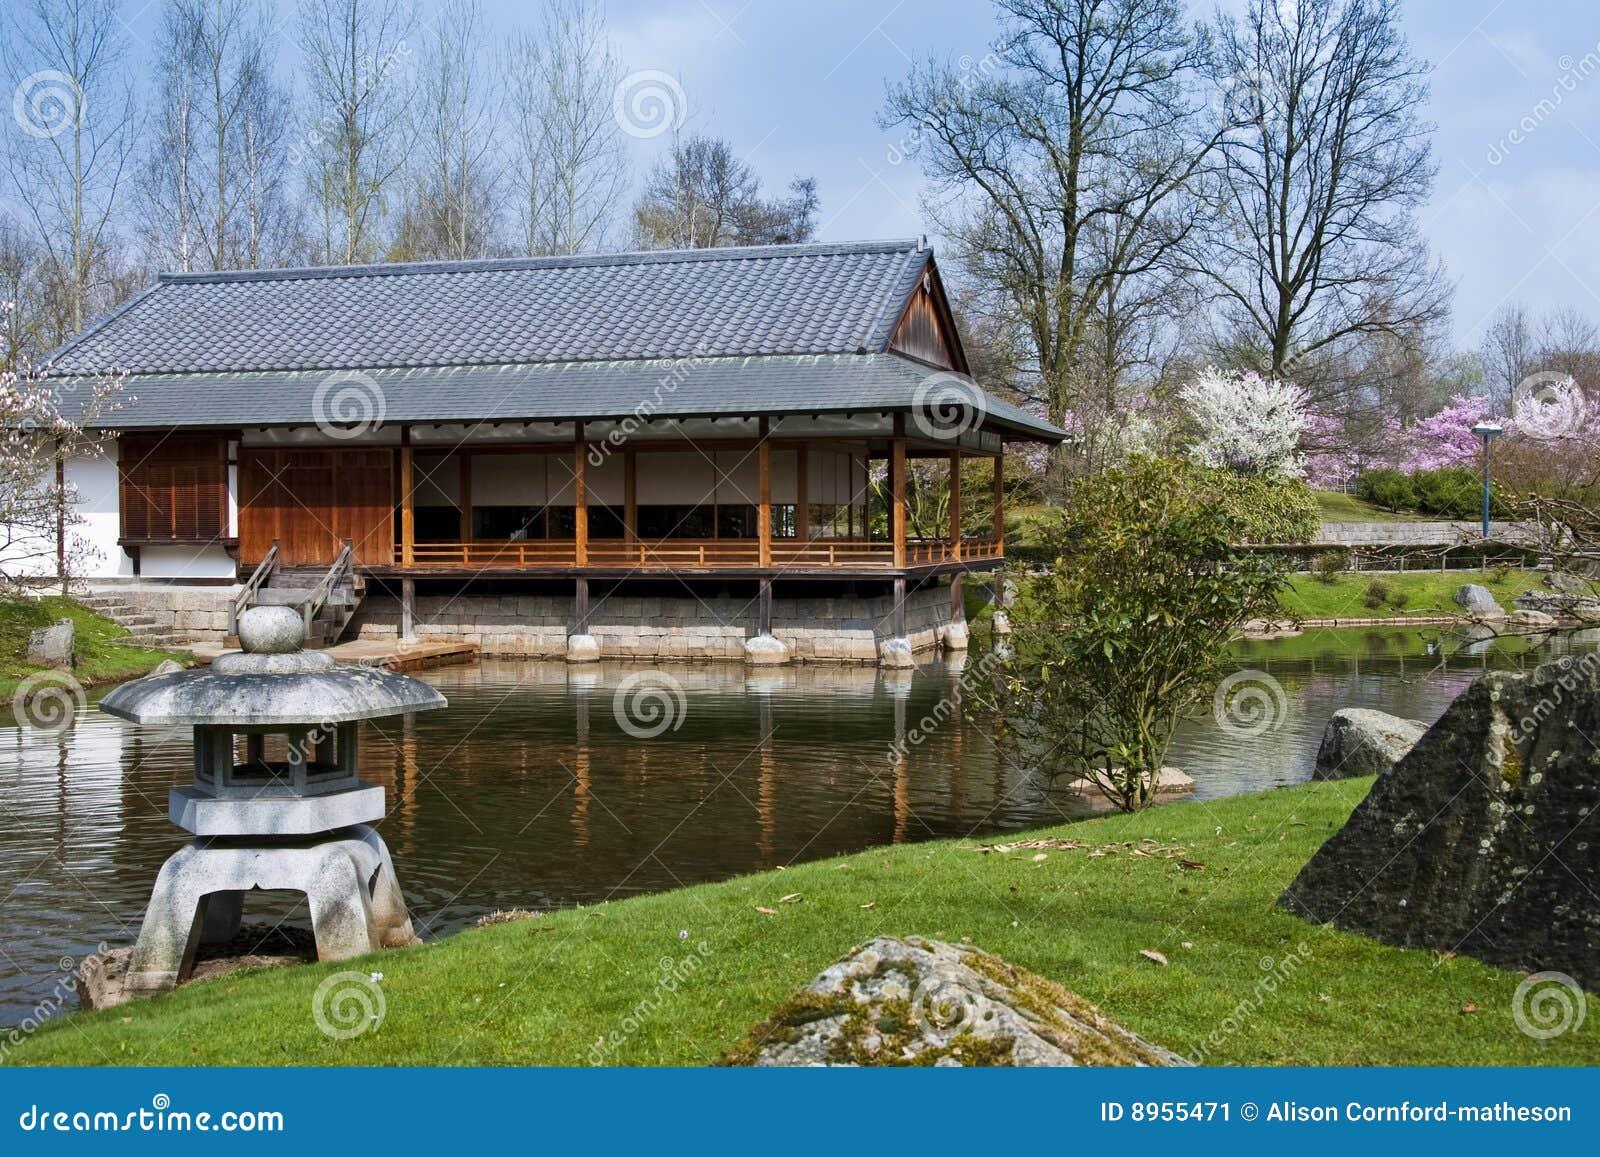 Jardin japonais hasselt belgique image stock image for Jardin belgique